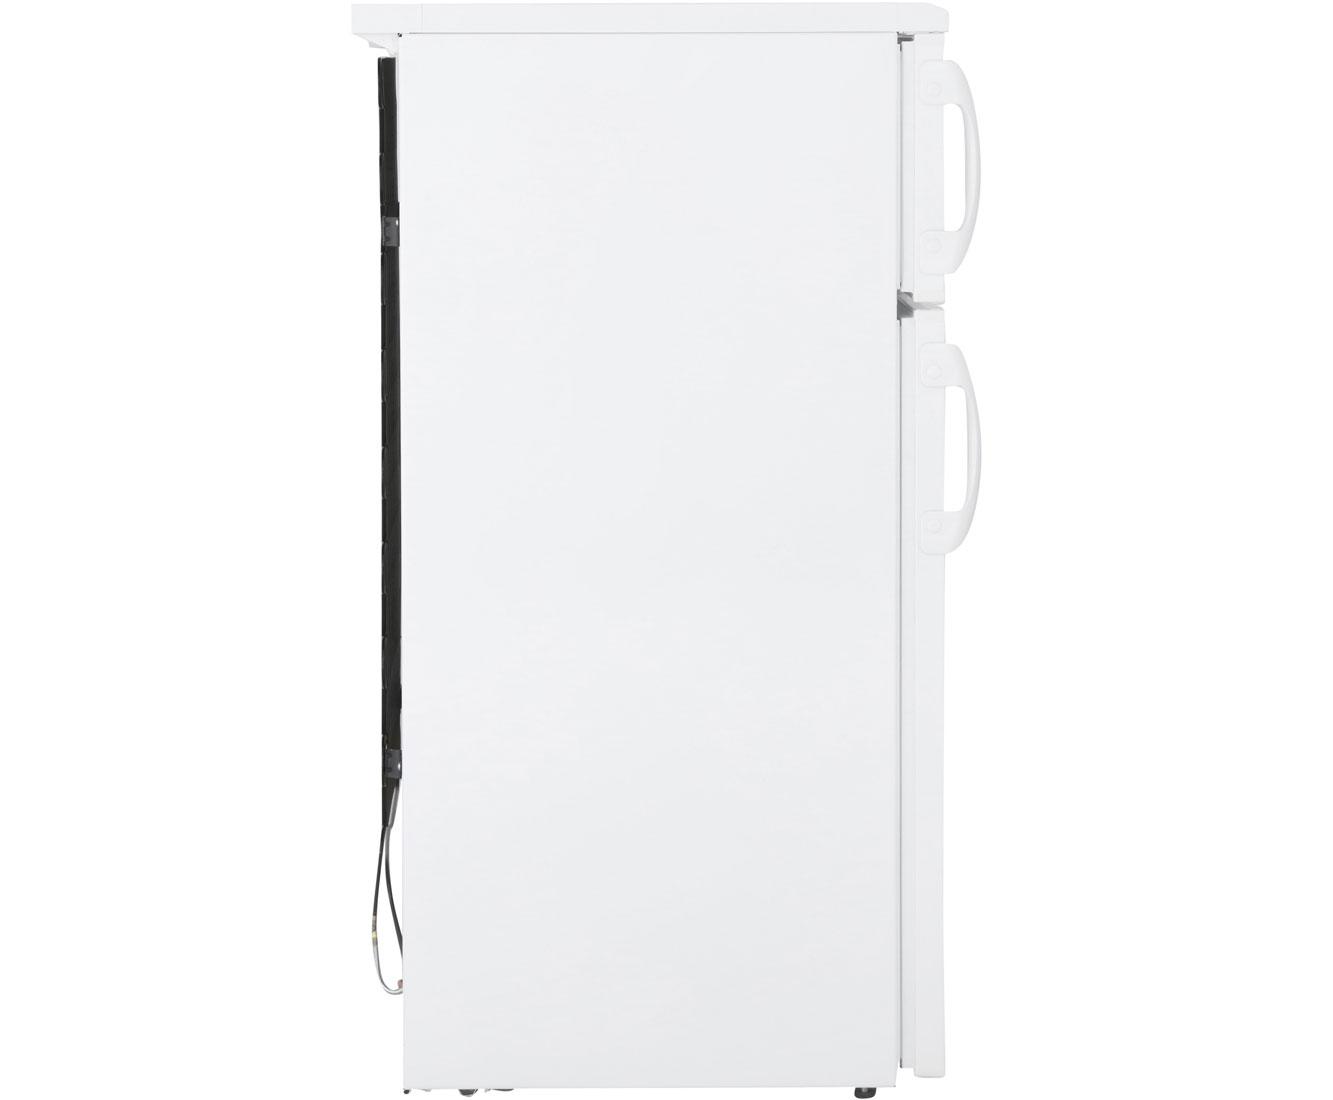 Gorenje Kühlschrank Brummt : Gorenje rf3111aw kühl gefrierkombination 50er breite weiß a